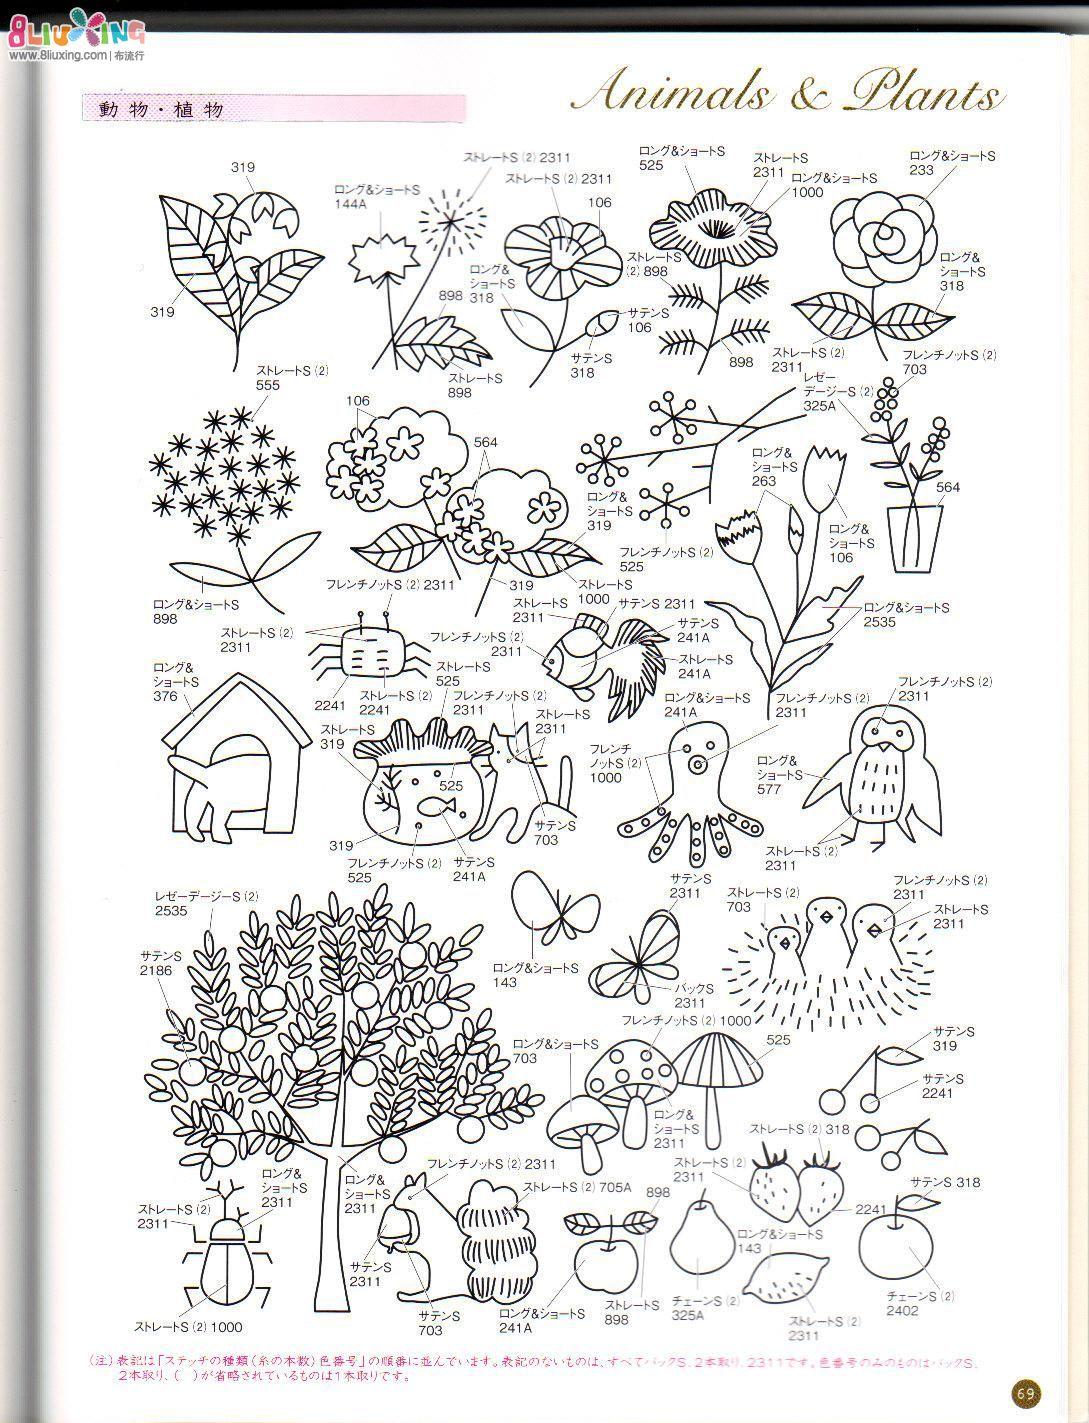 日本刺绣书 刺绣杂货 图纸下载专区